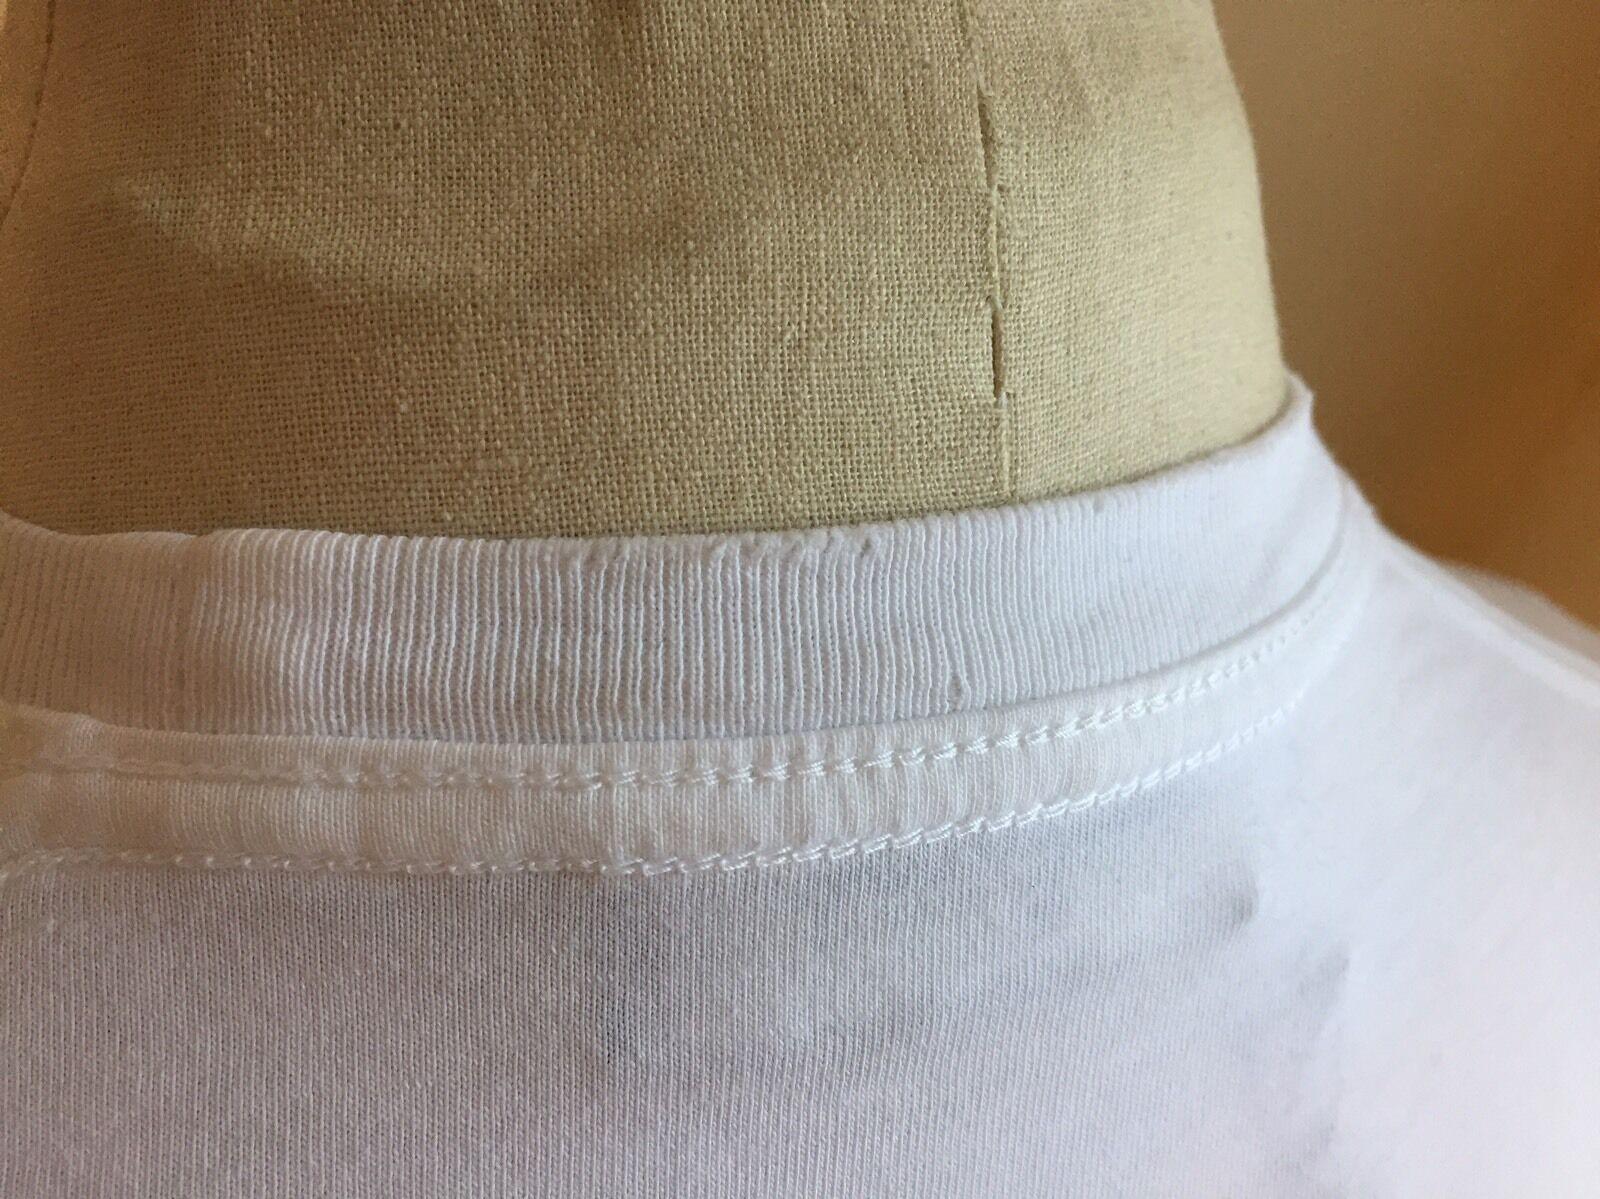 Dsquarot ² Kalt Weiß Doppel Pumps Muskel Knopfzelle Mates Weiche Weiche Weiche Baumwolle 159d26